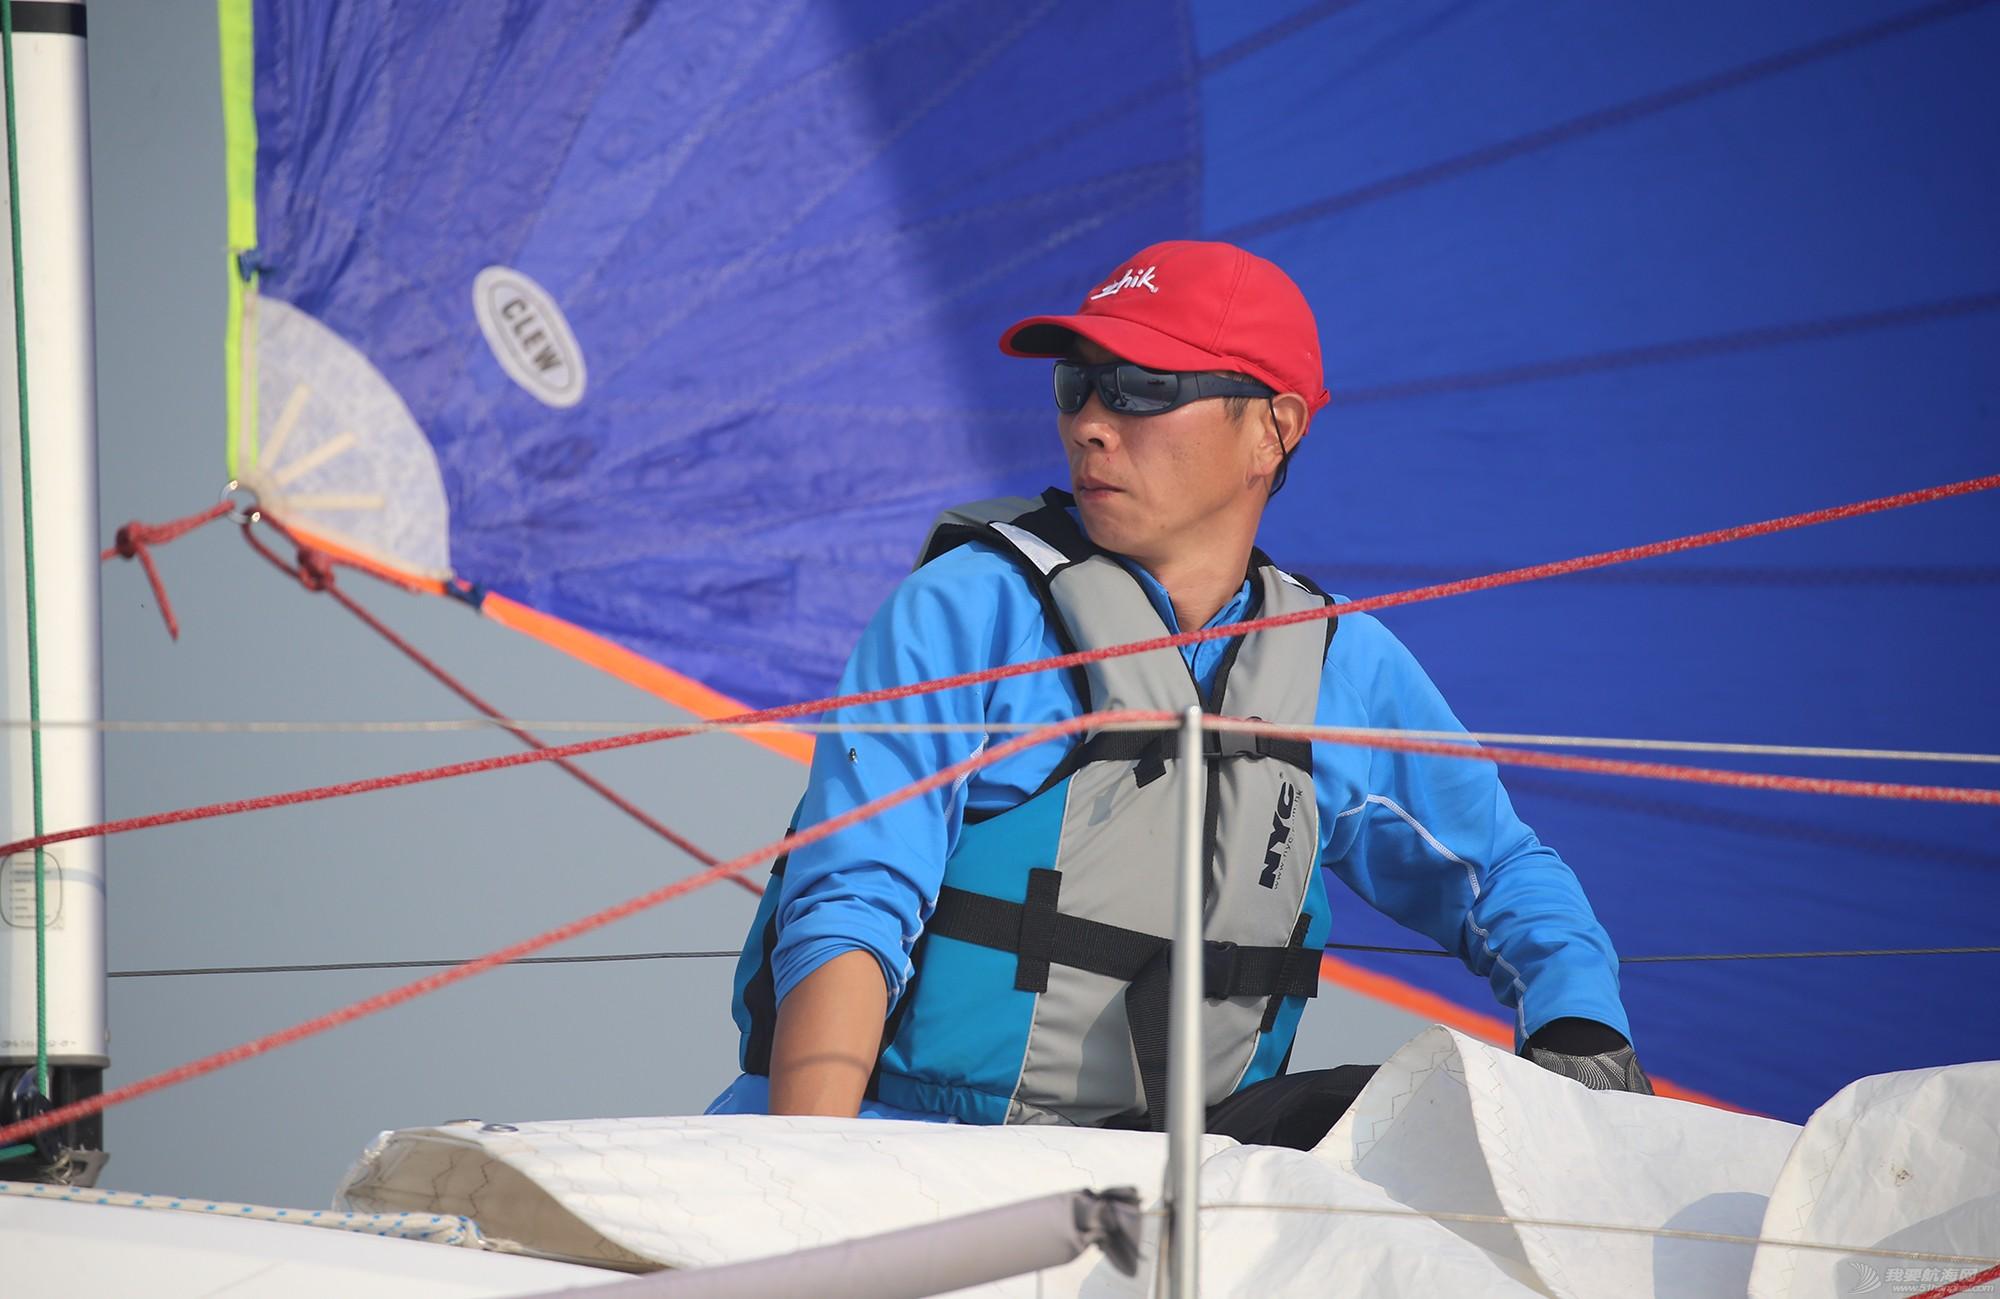 """拉力赛,帆船,太湖 2016""""菱湖湾杯""""环太湖帆船拉力赛参赛船队、船员风采 E78W2622.JPG"""